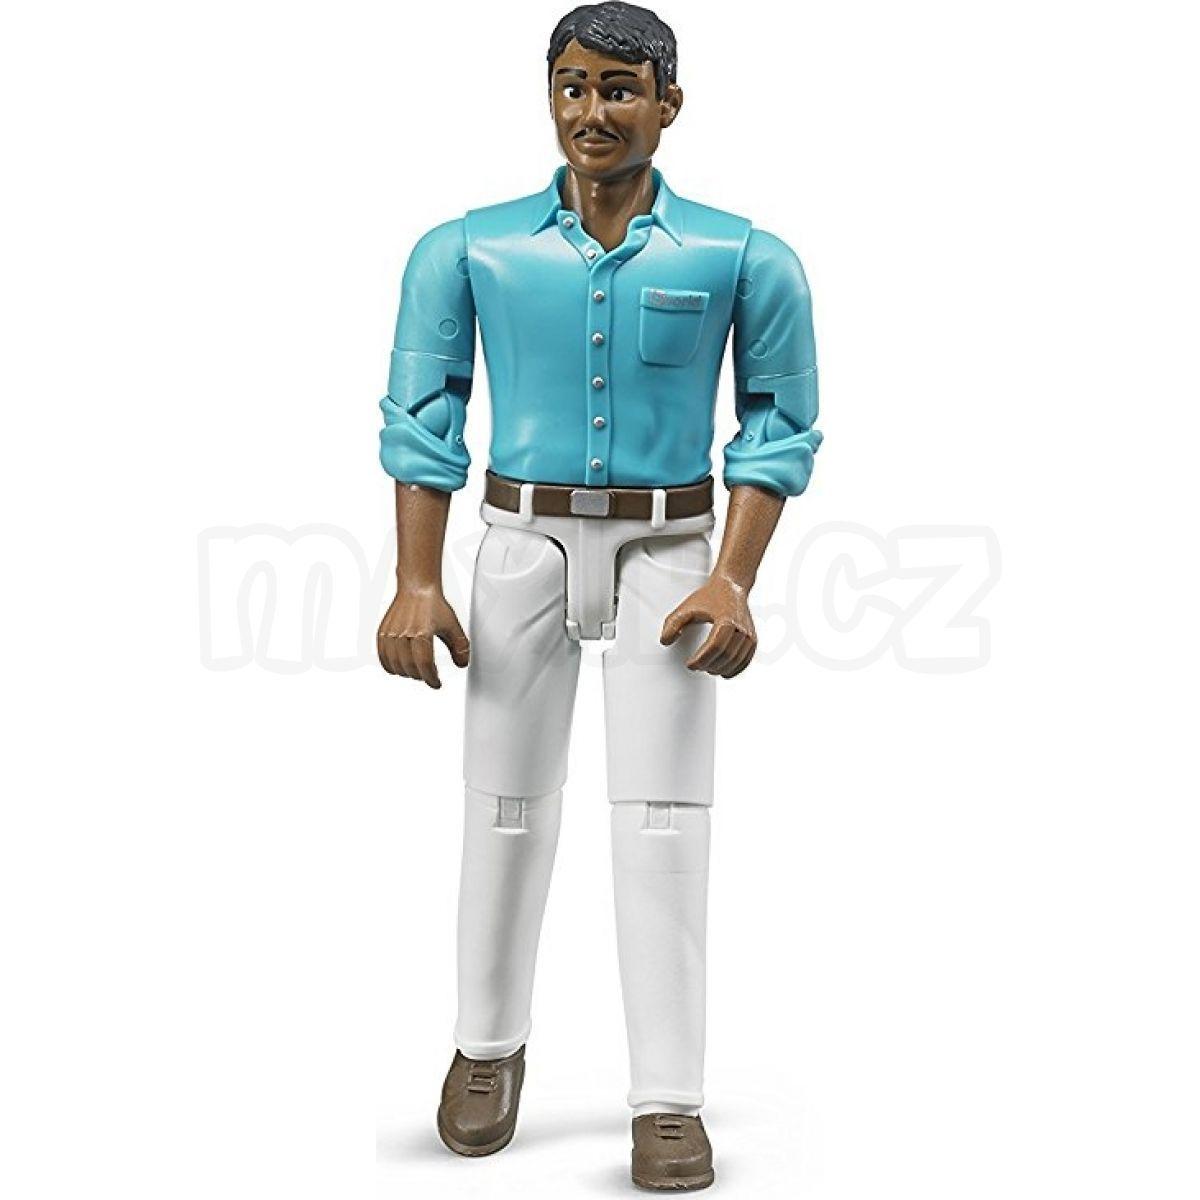 Bruder 60003 Figurka muž tmavé pleti světlé kalhoty 2 ... 371cc57308